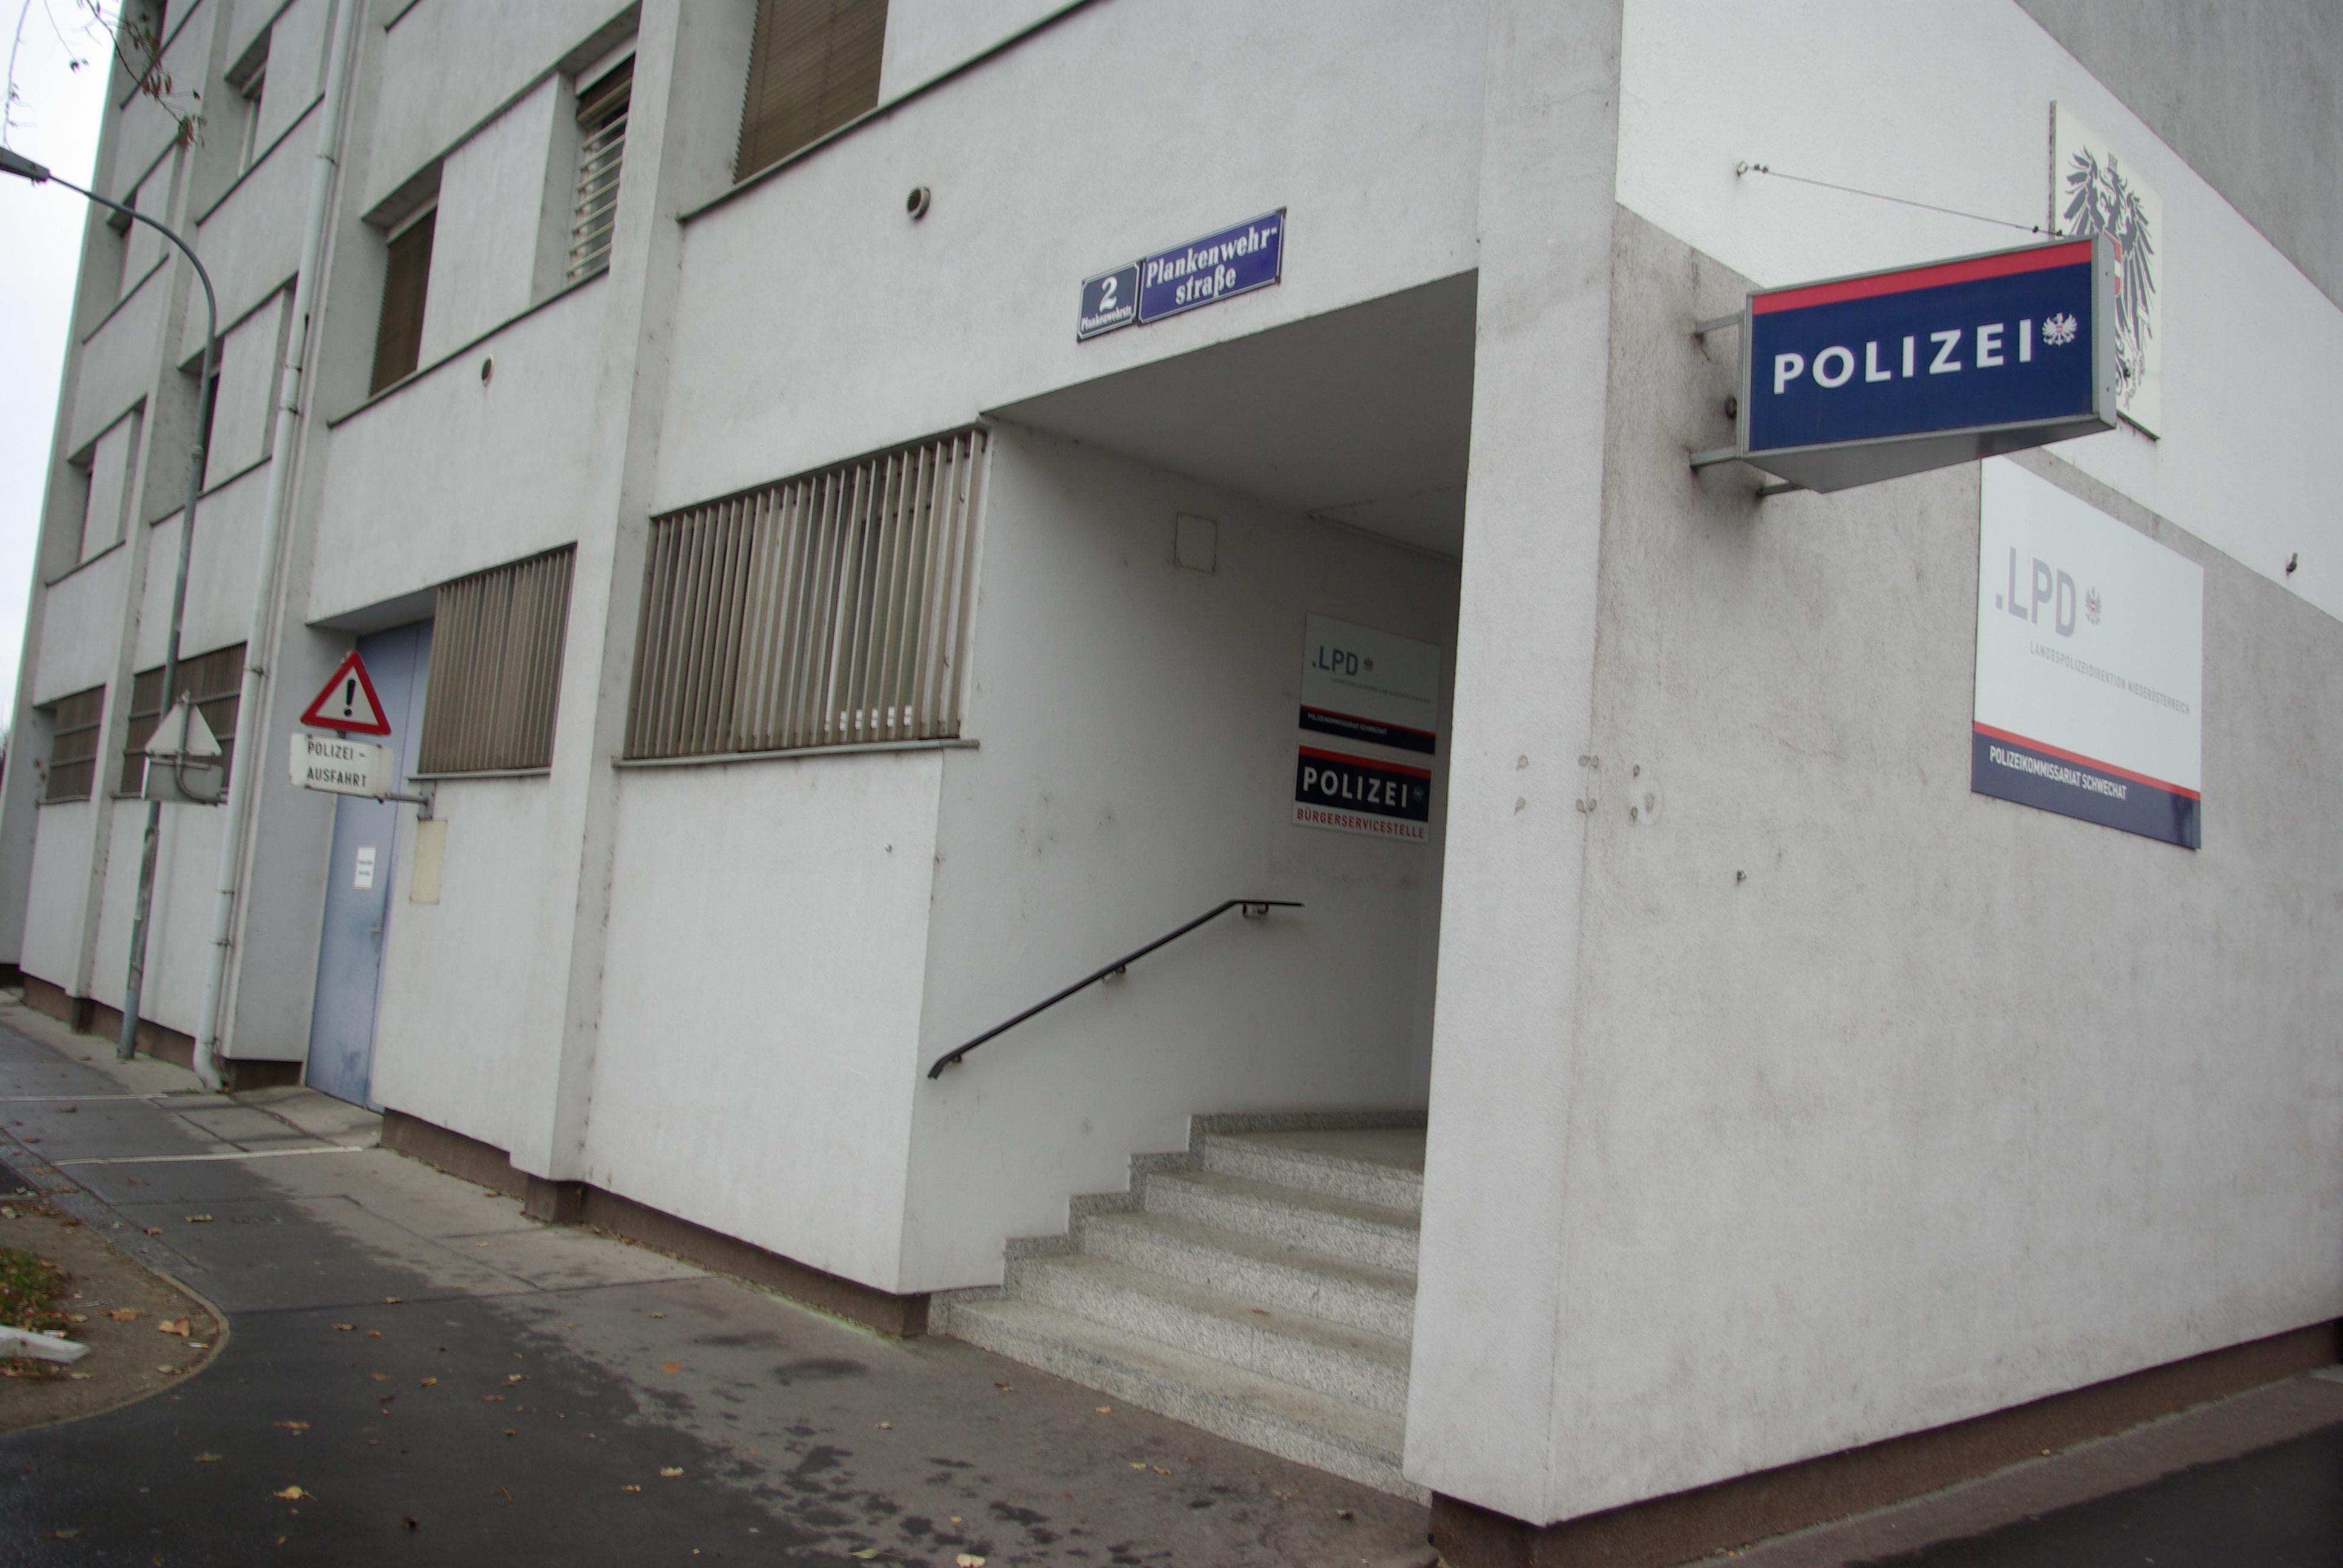 Schwechat PAZ (Austria)